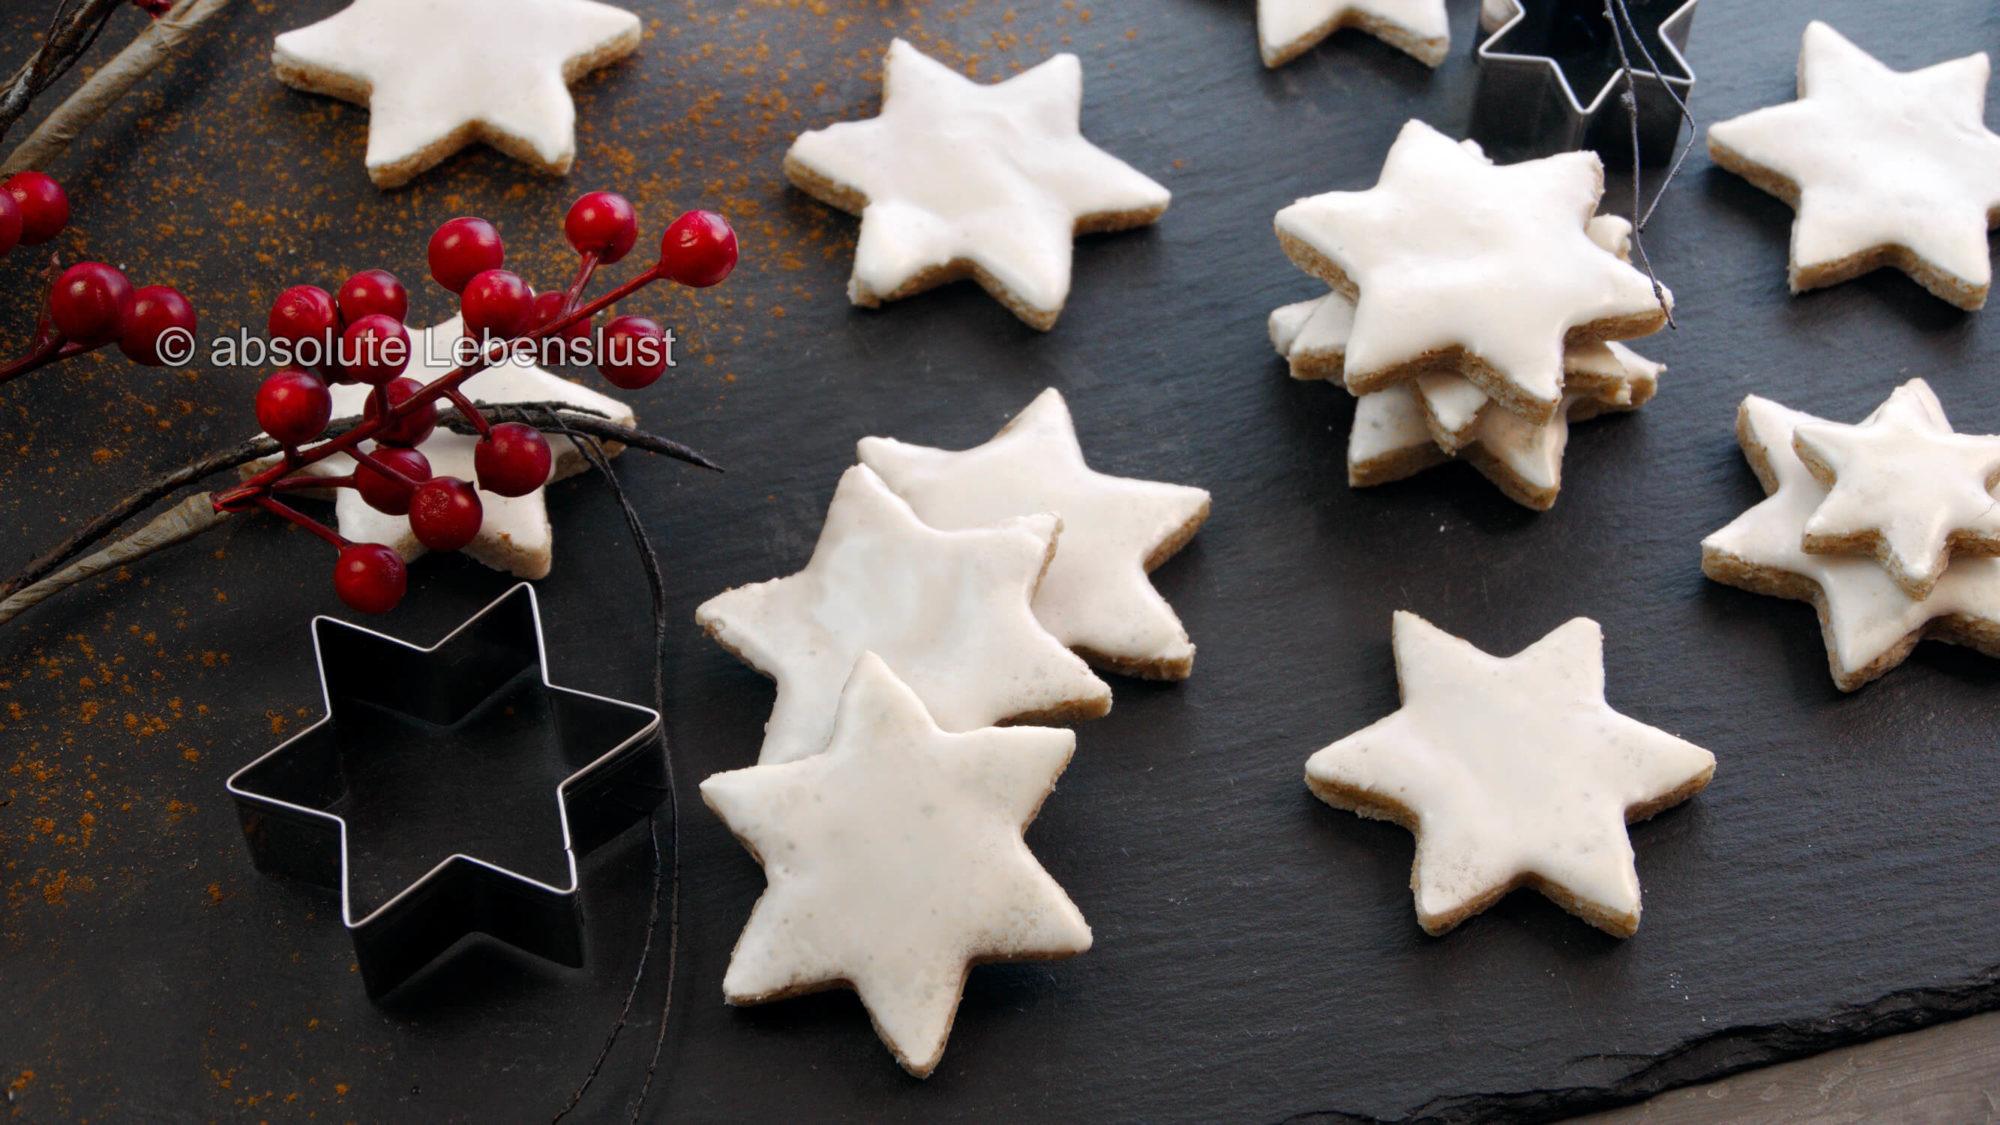 zimtsterne, backen, rezept, selber machen, einfach, rezepte, plätzchen, plätzchen backen, mit eiweiß, eiweiß, verwerten, weihnachtsplätzchen, keto plätzchen